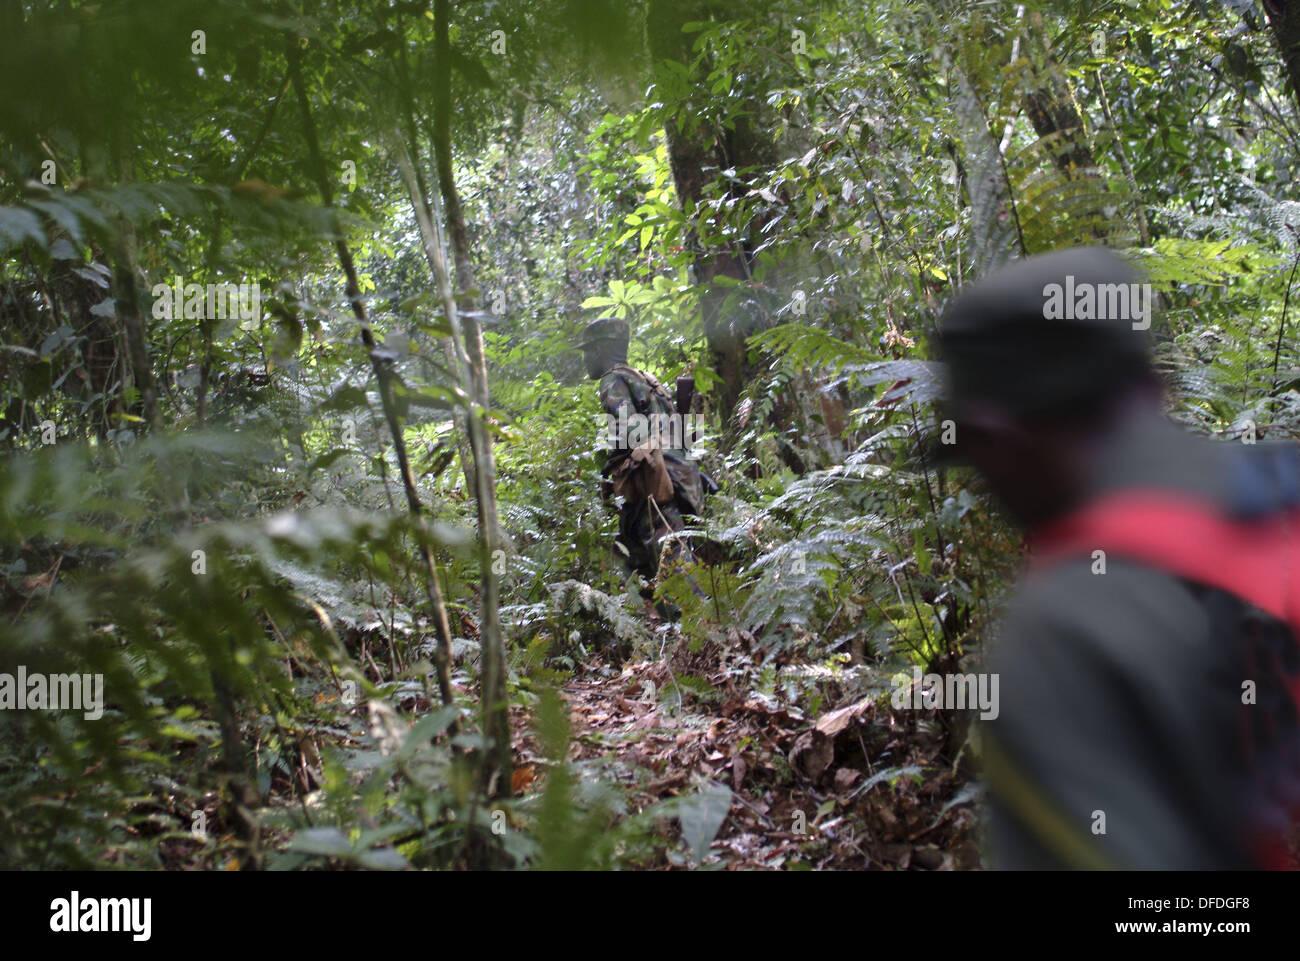 Gorilla-tracking in den Dschungel, Bwindi Impenetrable Forest, Uganda Stockbild